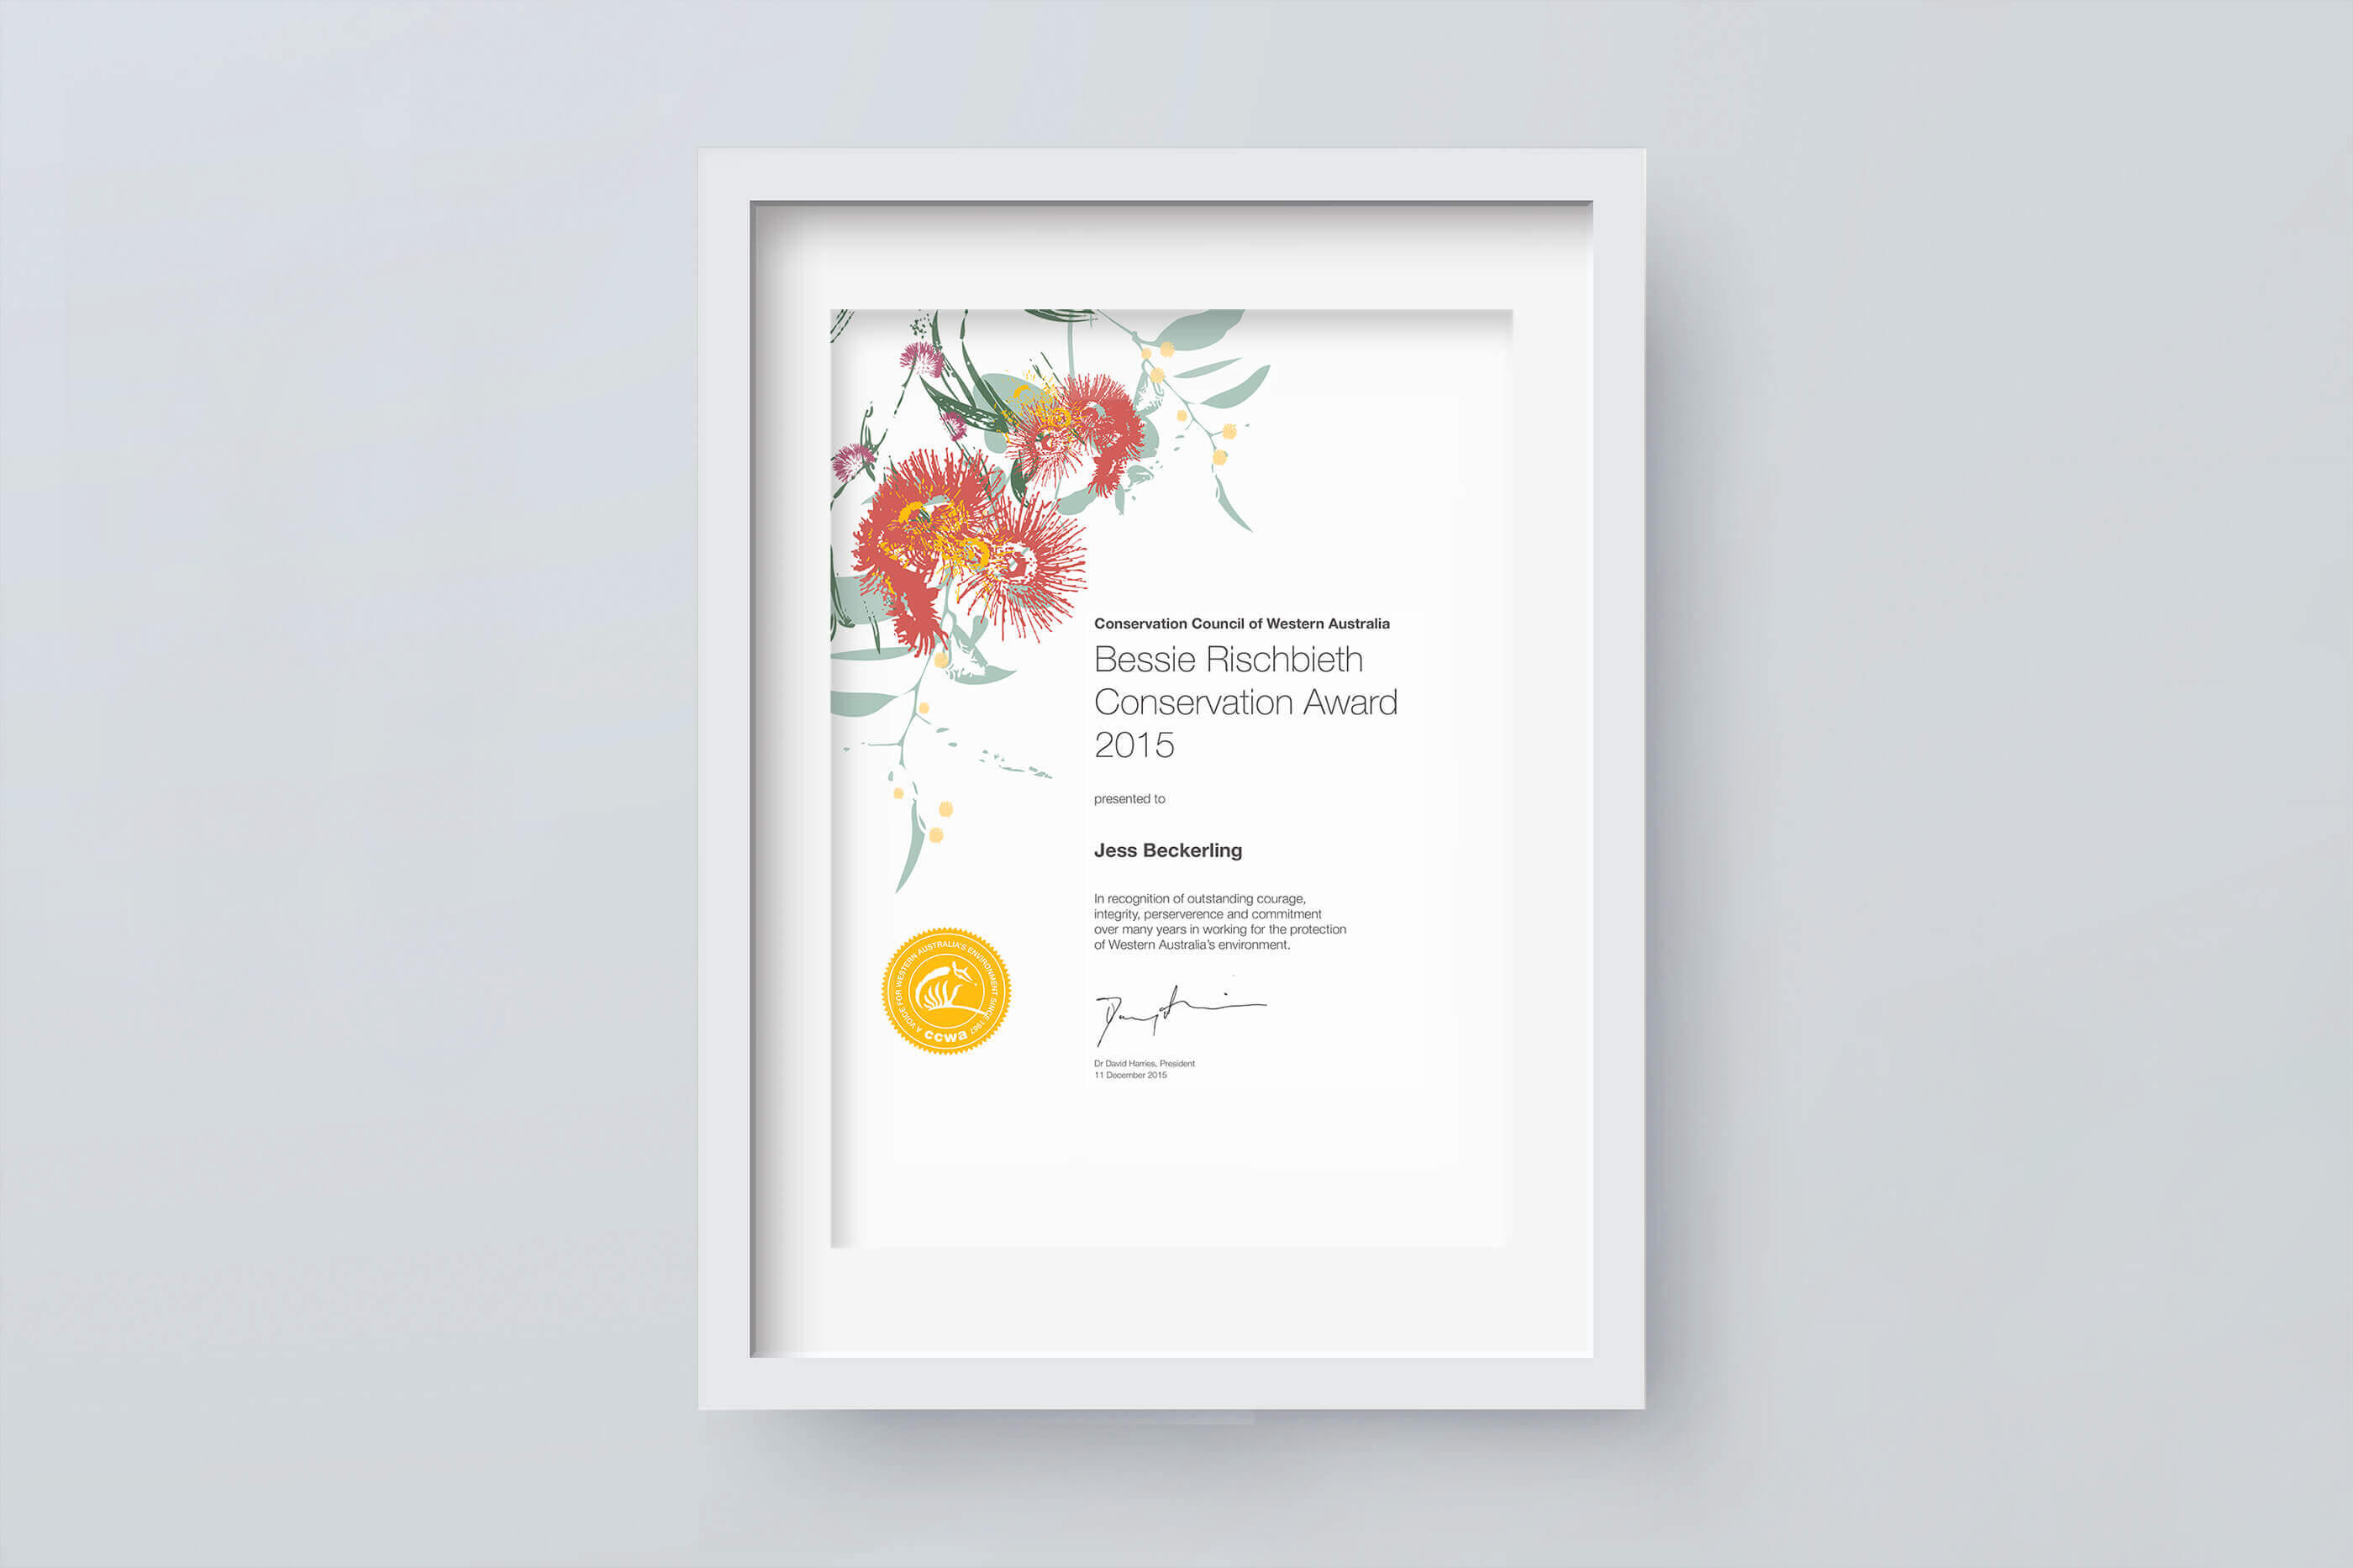 ccwa.bessie-rischbieth-award